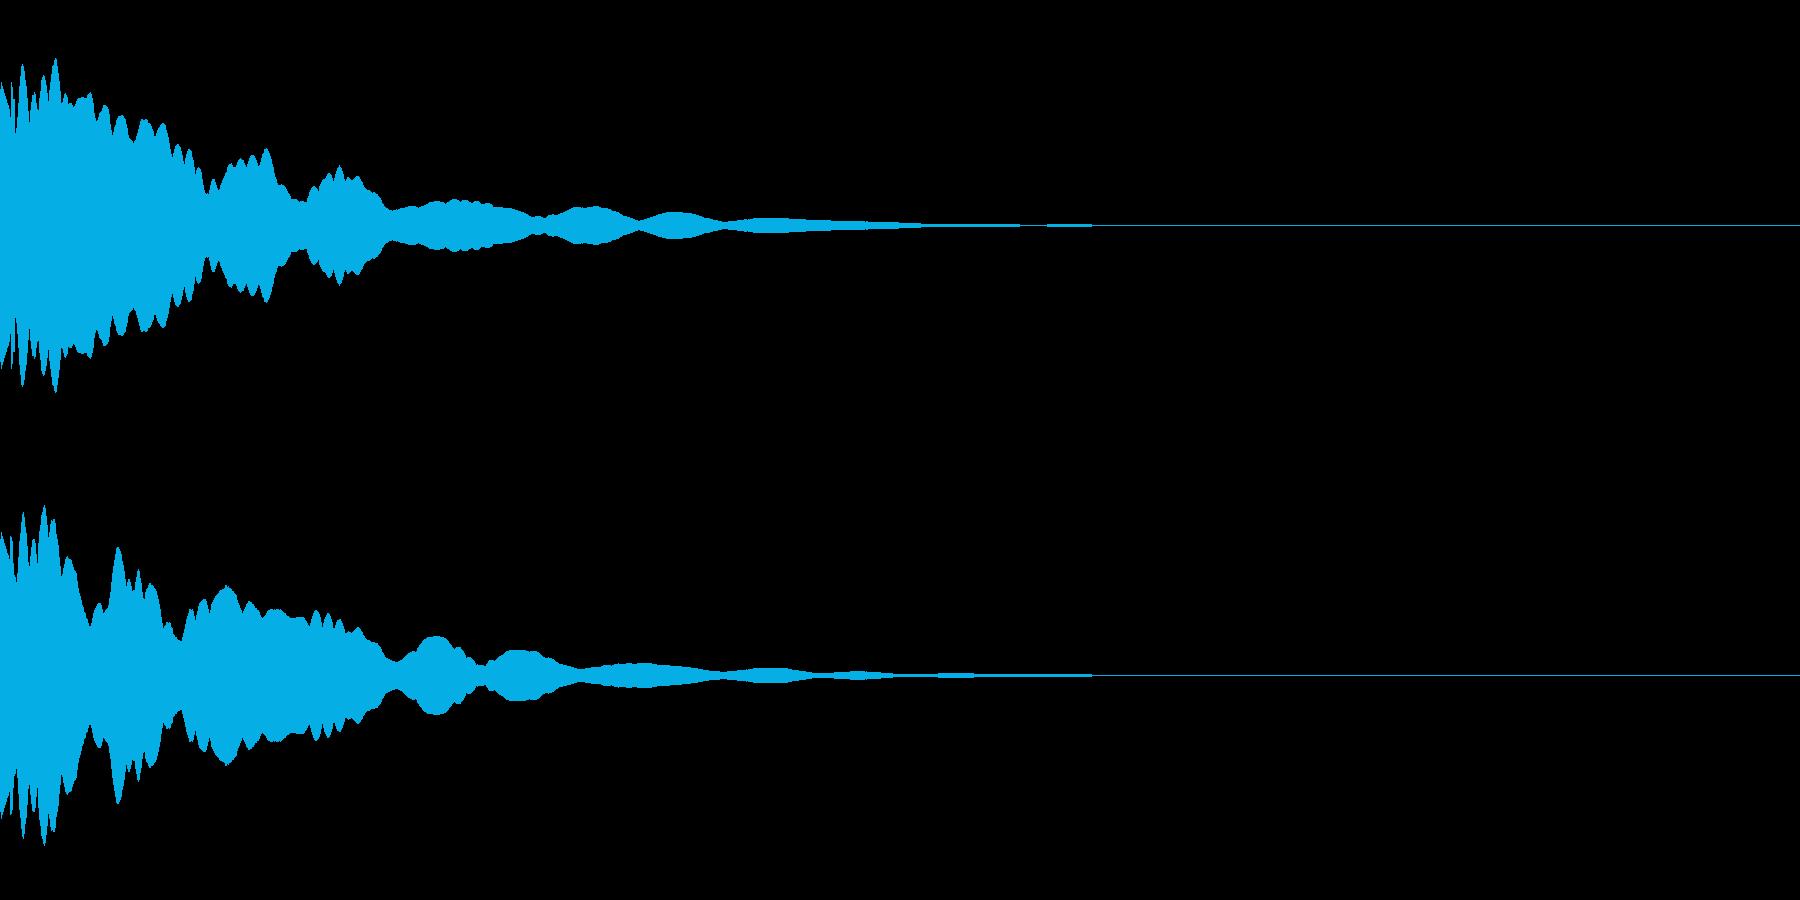 ベル/メタル/ヒット/システム/金属の再生済みの波形